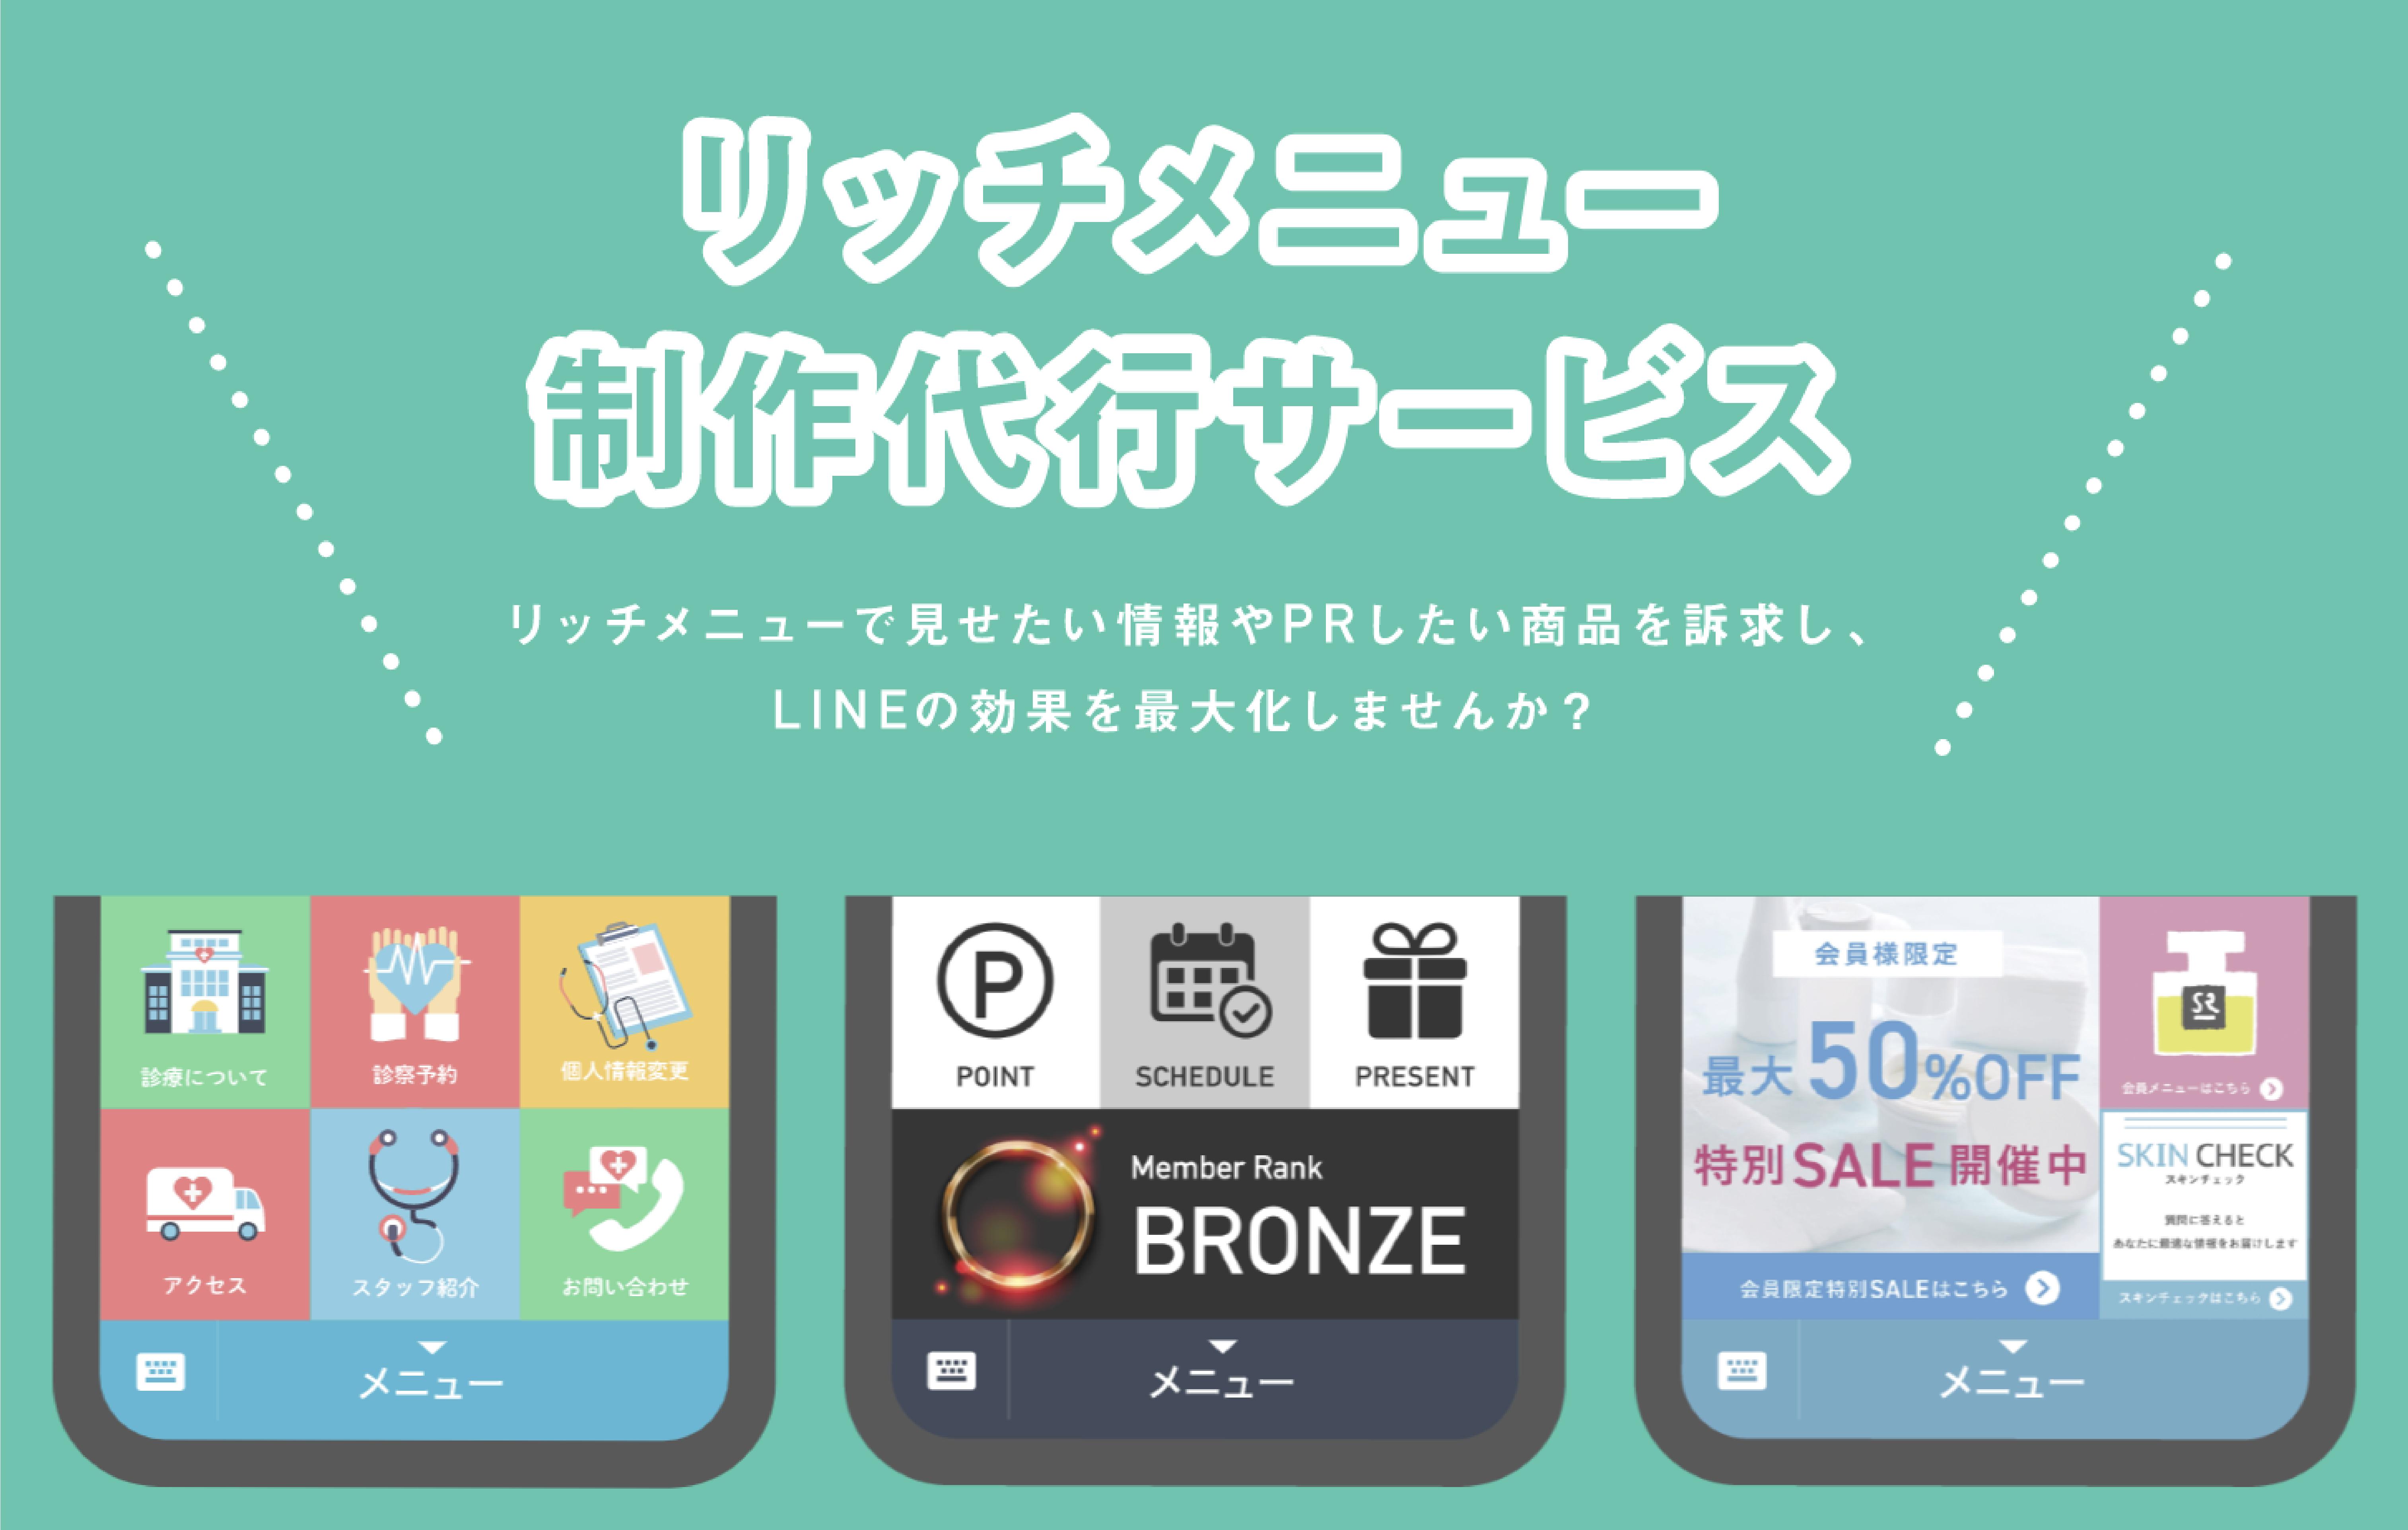 LINE公式アカウント リッチメニュー 活用事例